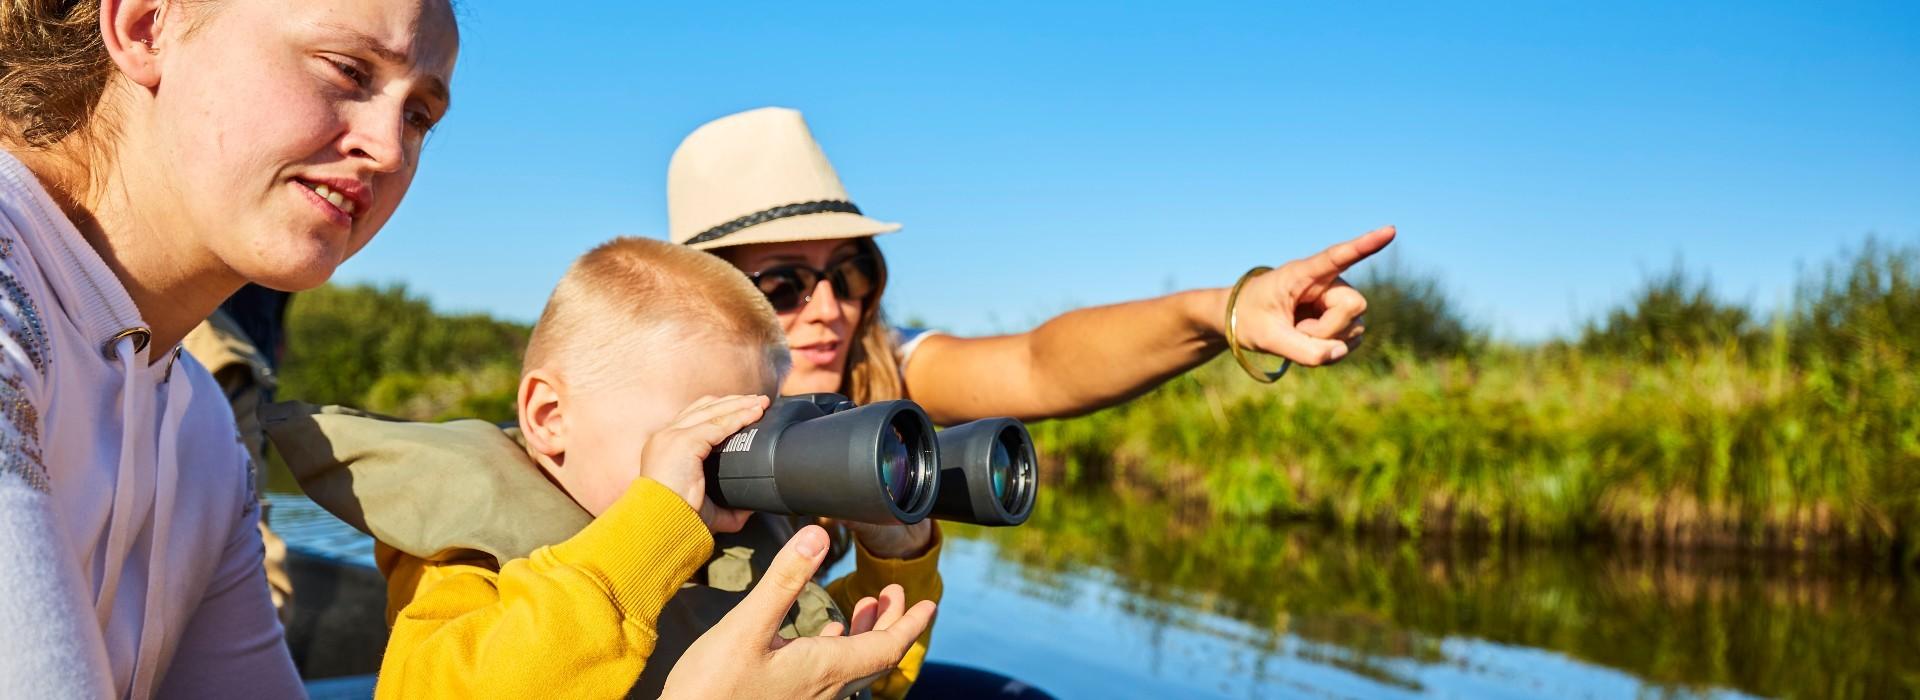 Le Blog des gens d'ici - Office de Tourisme La Baule Presqu'île de Guérande